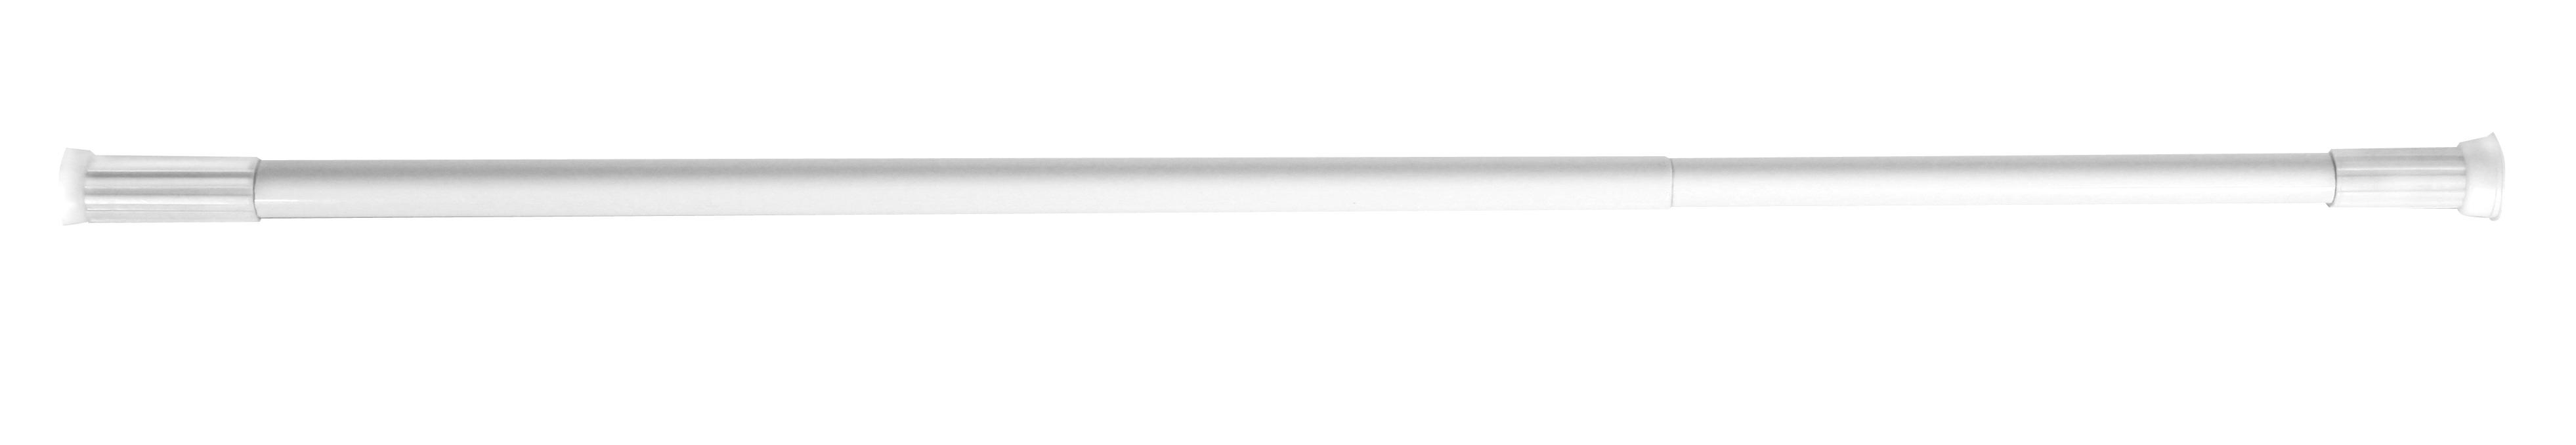 Tyč na sprchový závěs Olsen 70-120 bílá, skladem